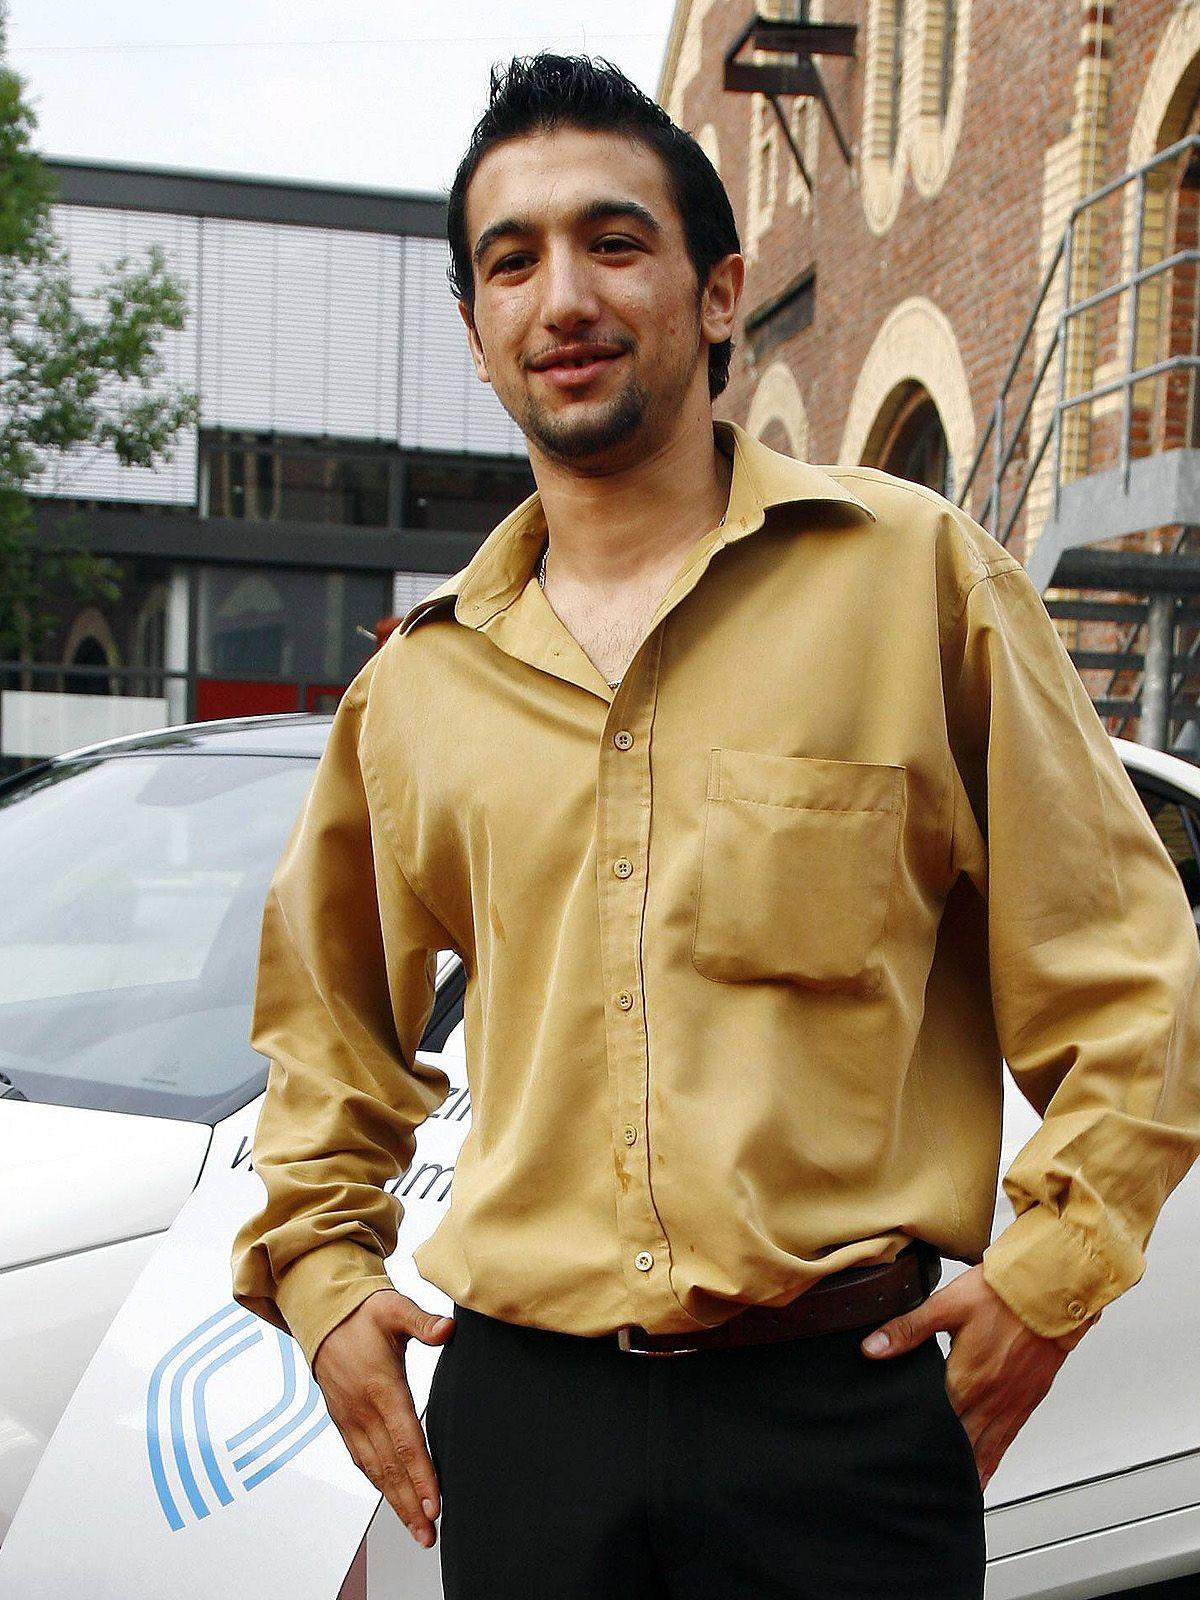 Oktay Özdemir: Absturz eines der größten deutschen Filmtalente